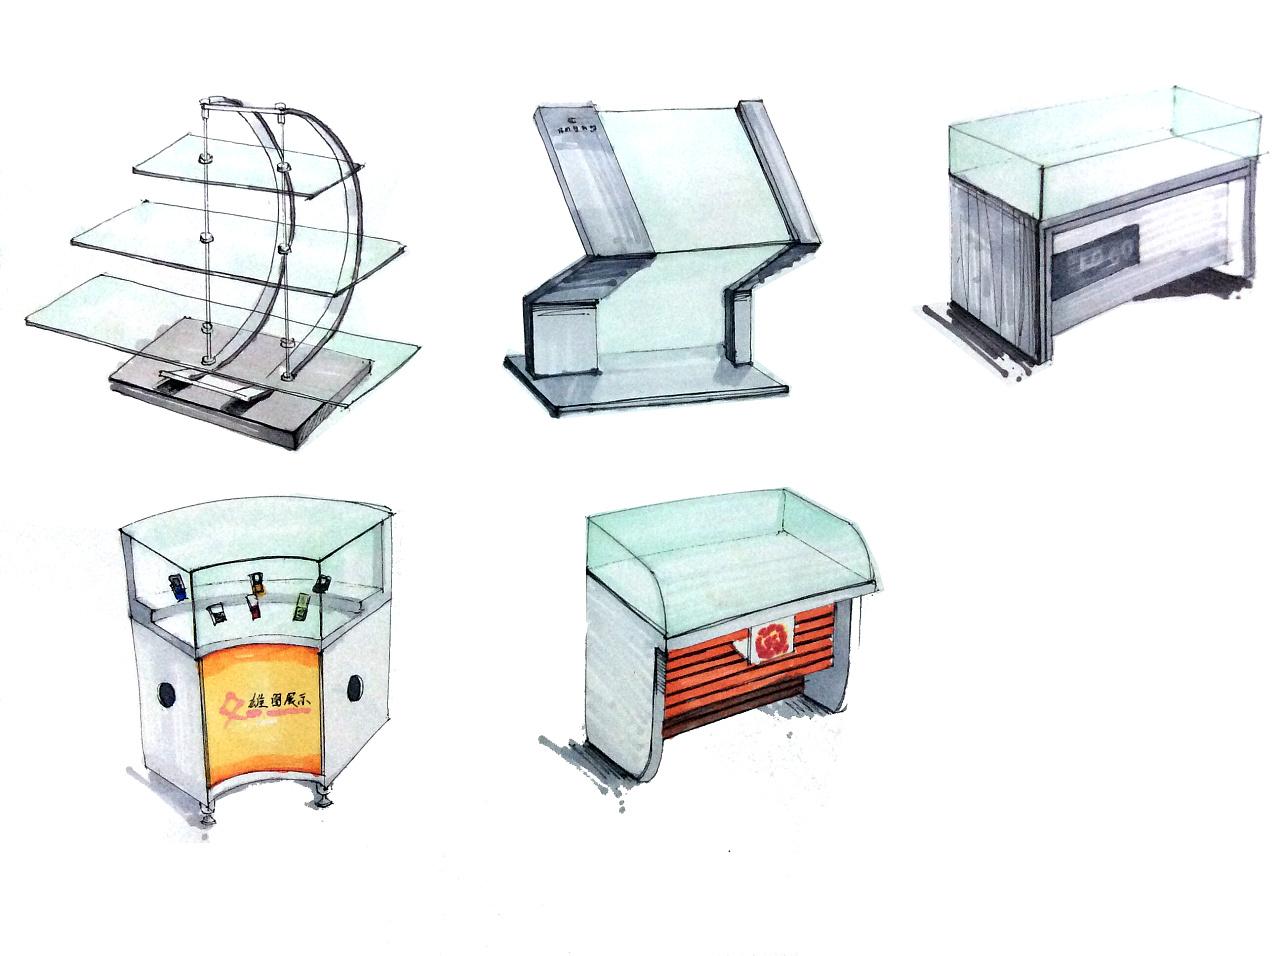 产品设计——手绘|工业/产品|生活用品|小浪郎的大冰